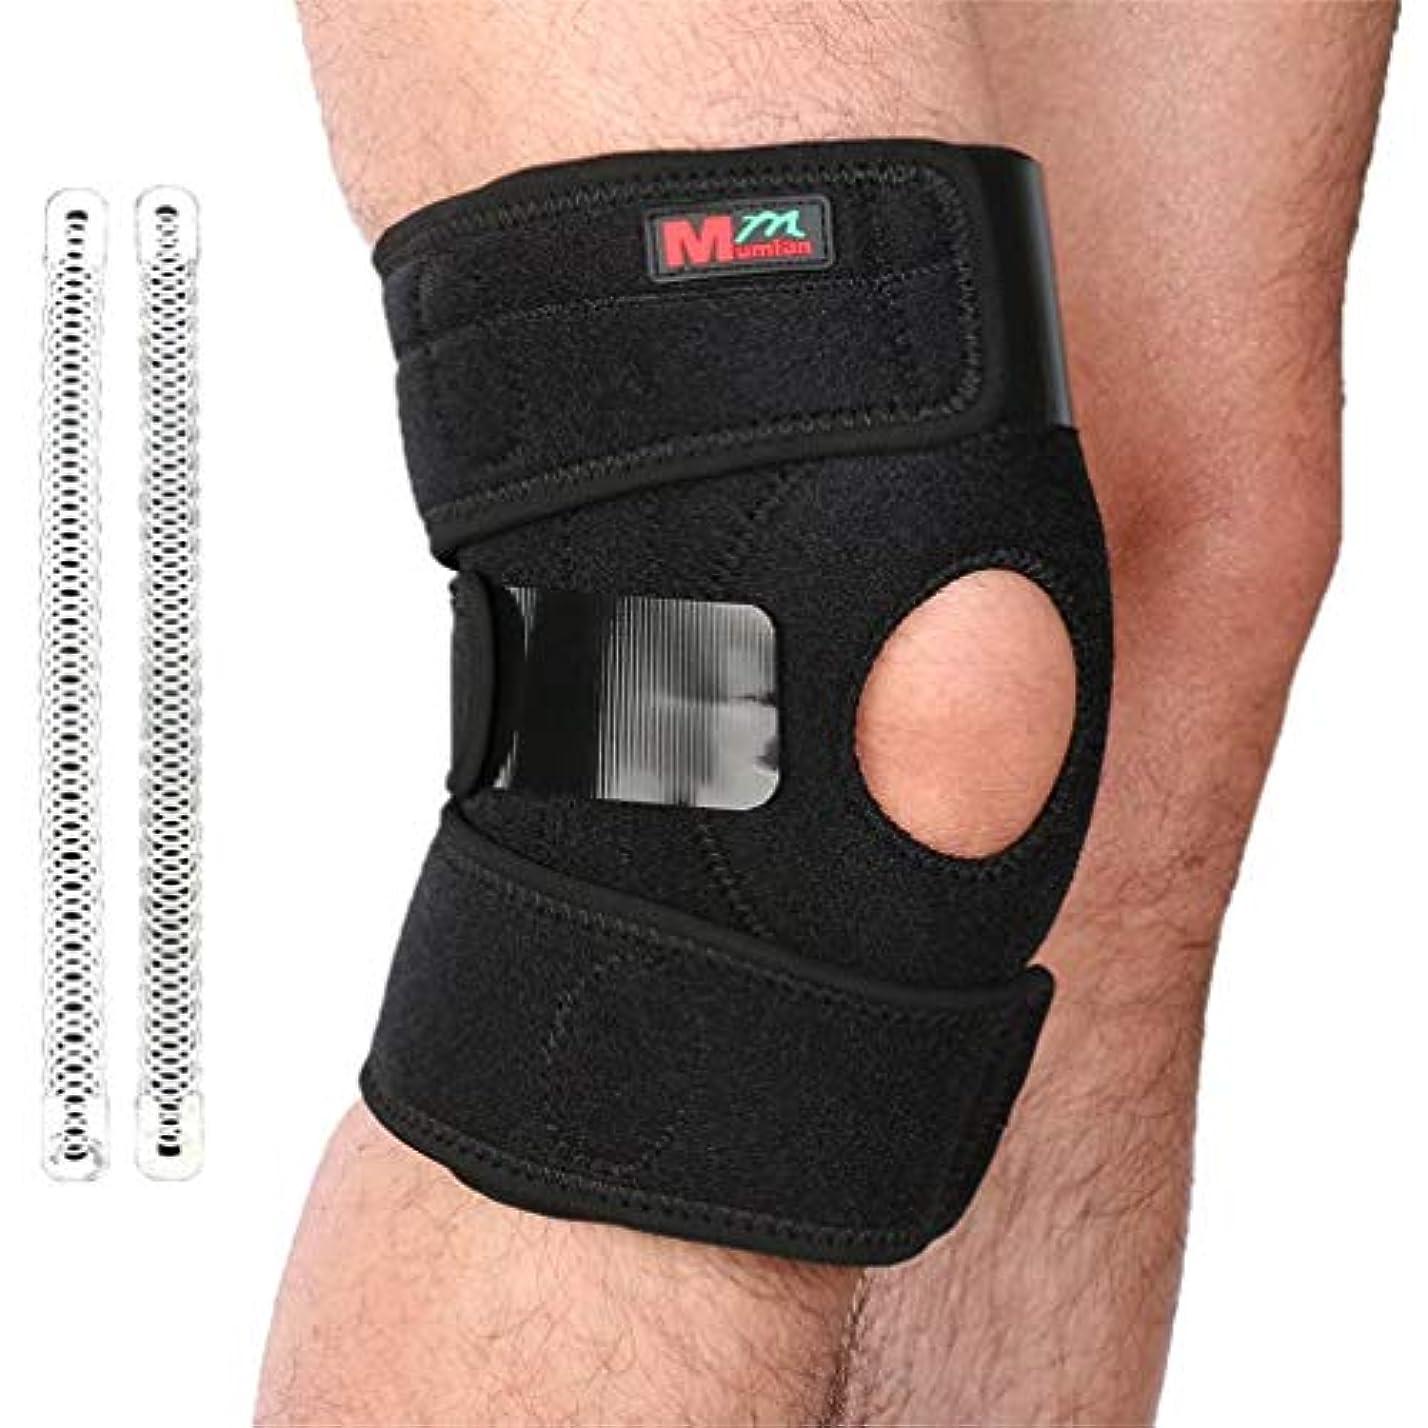 イタリック多くの危険がある状況ぜいたく1PC膝プロテクター膝パッドシリコン弾性包帯デザイン膝サポート-Rustle666